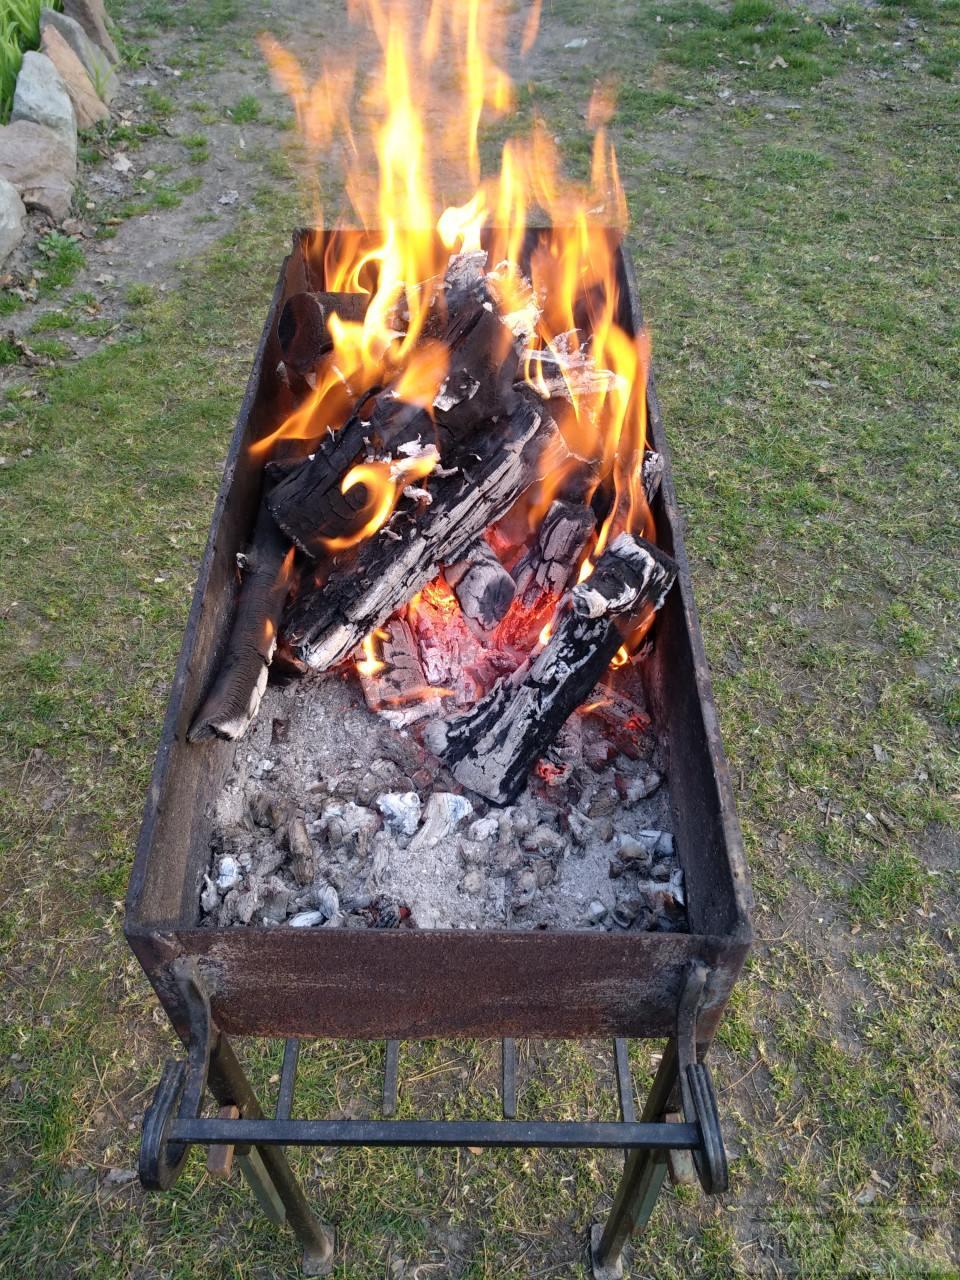 95621 - Закуски на огне (мангал, барбекю и т.д.) и кулинария вообще. Советы и рецепты.